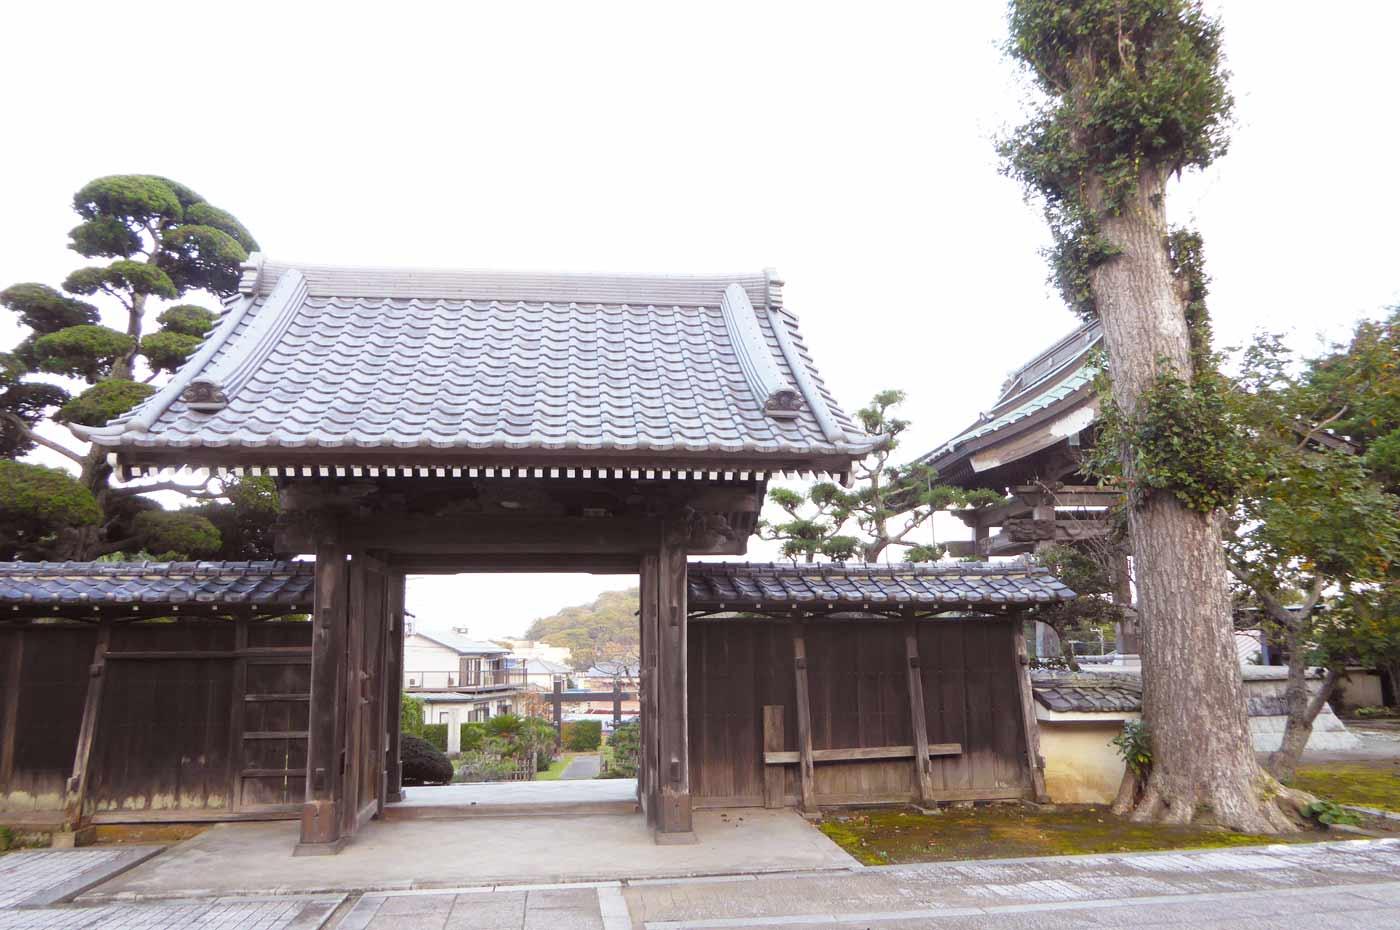 総持院の山門の裏側